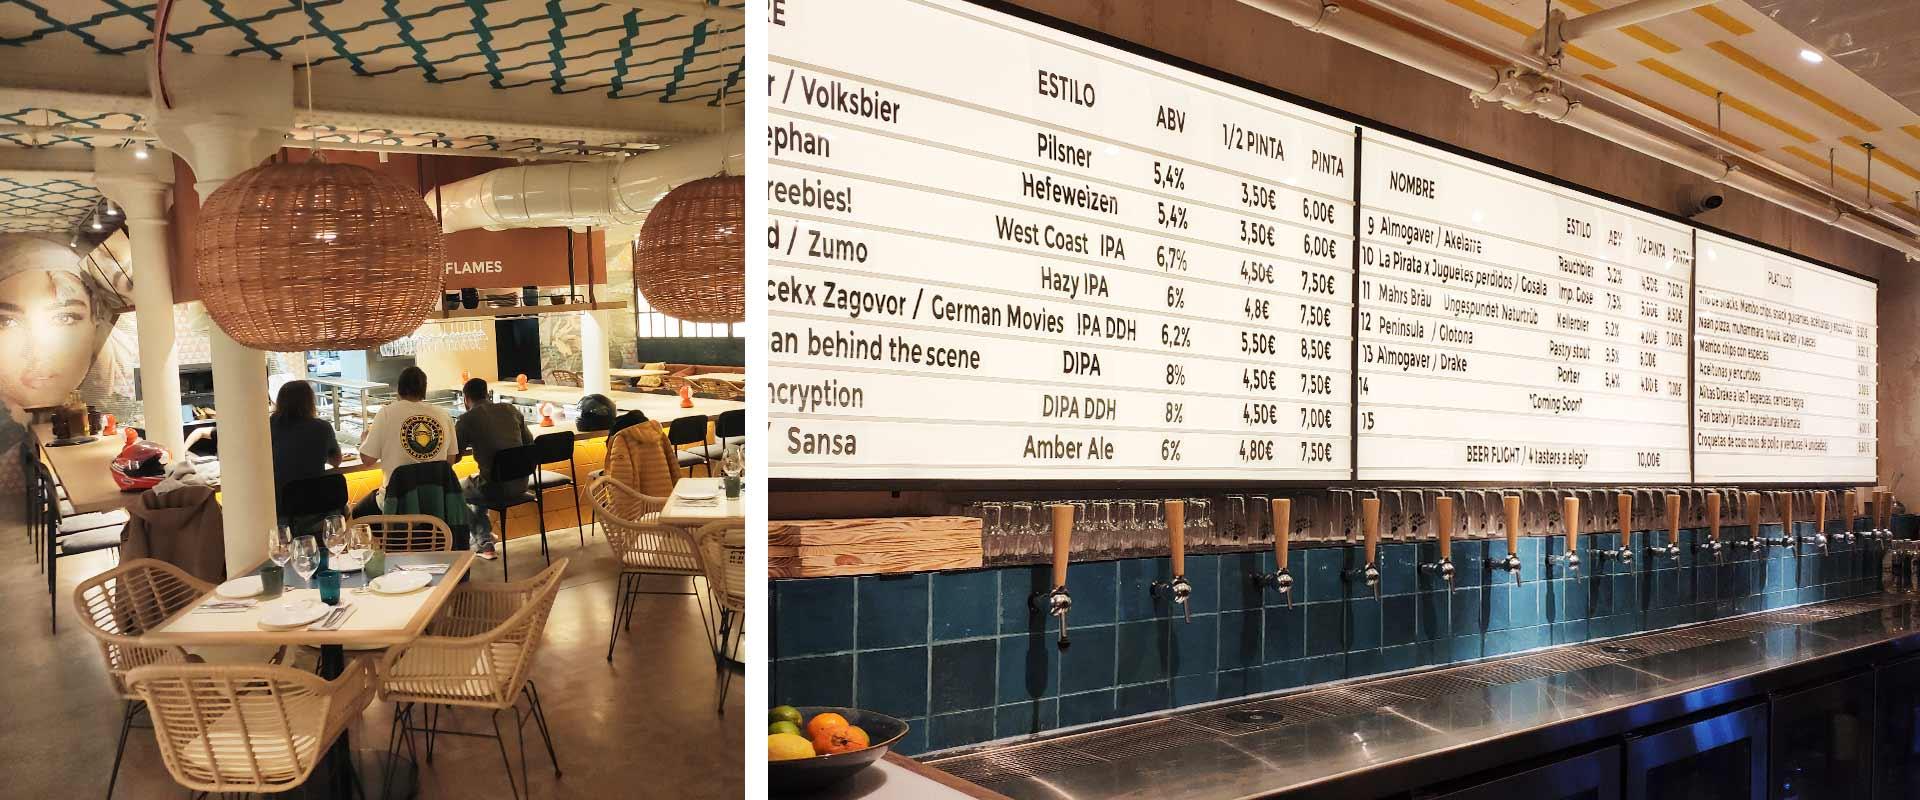 Restaurante y Cervecería Artesanal Sumac & Mambo Barcelona